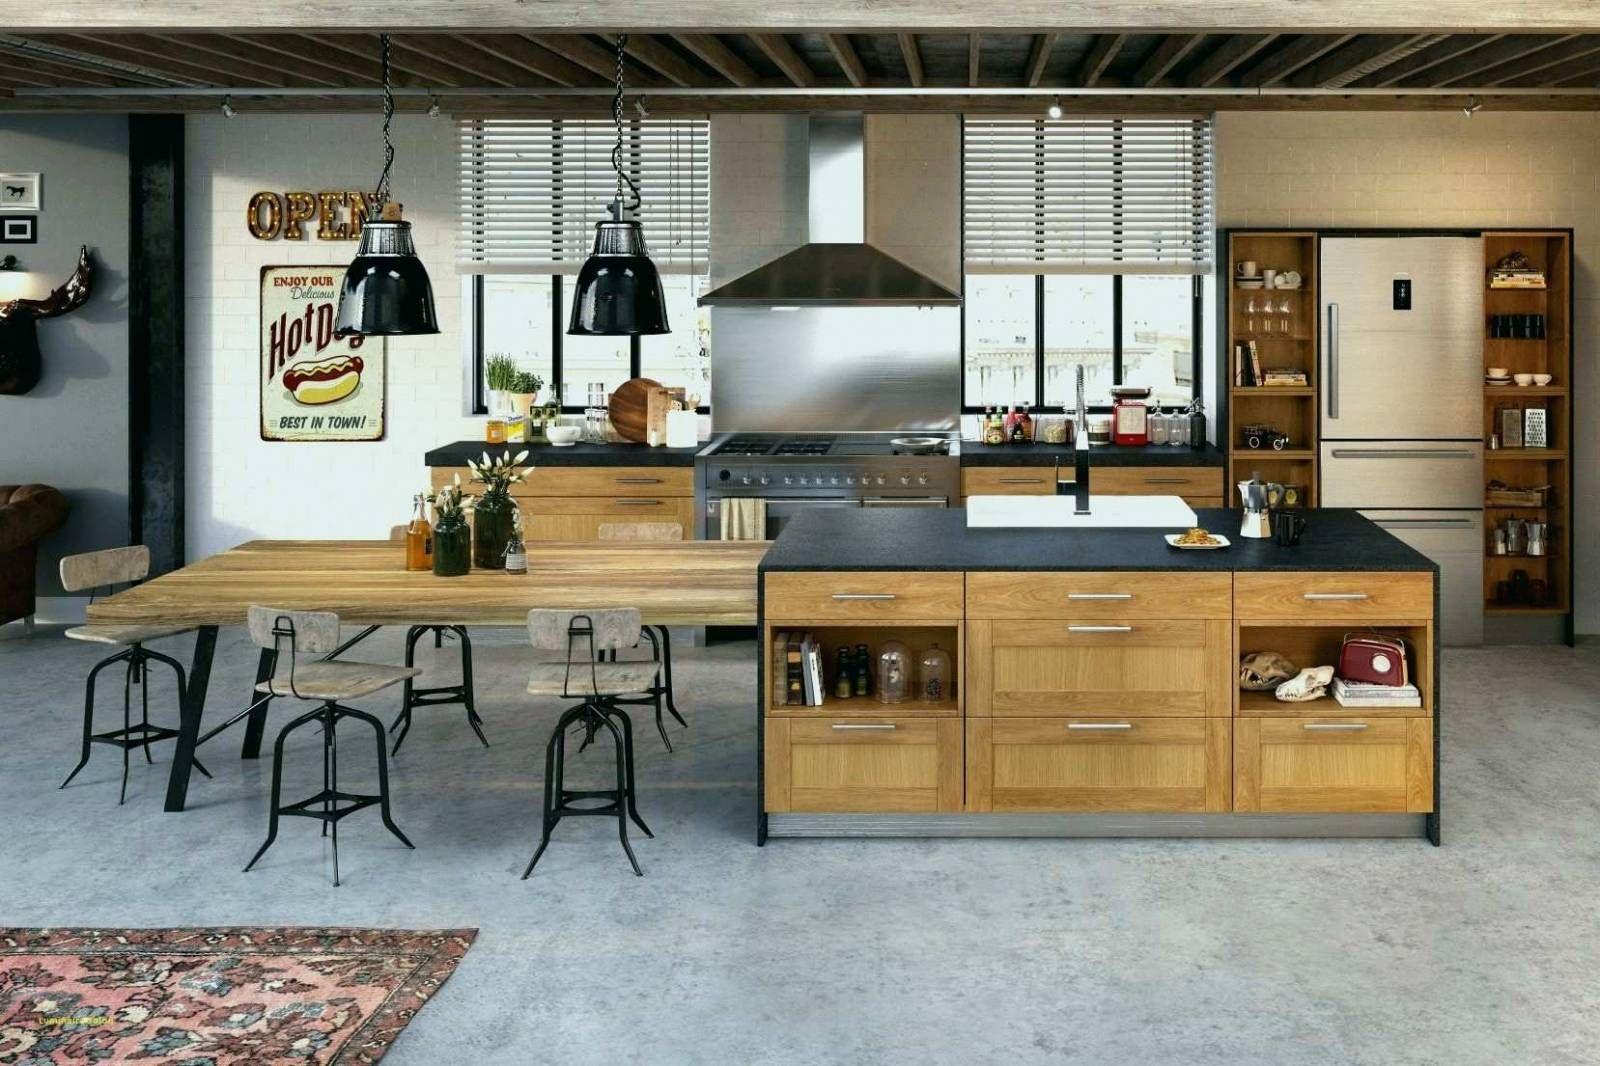 Chambre Style Loft Cuisine Bistrot Chic Cuisine Industriel Atelier